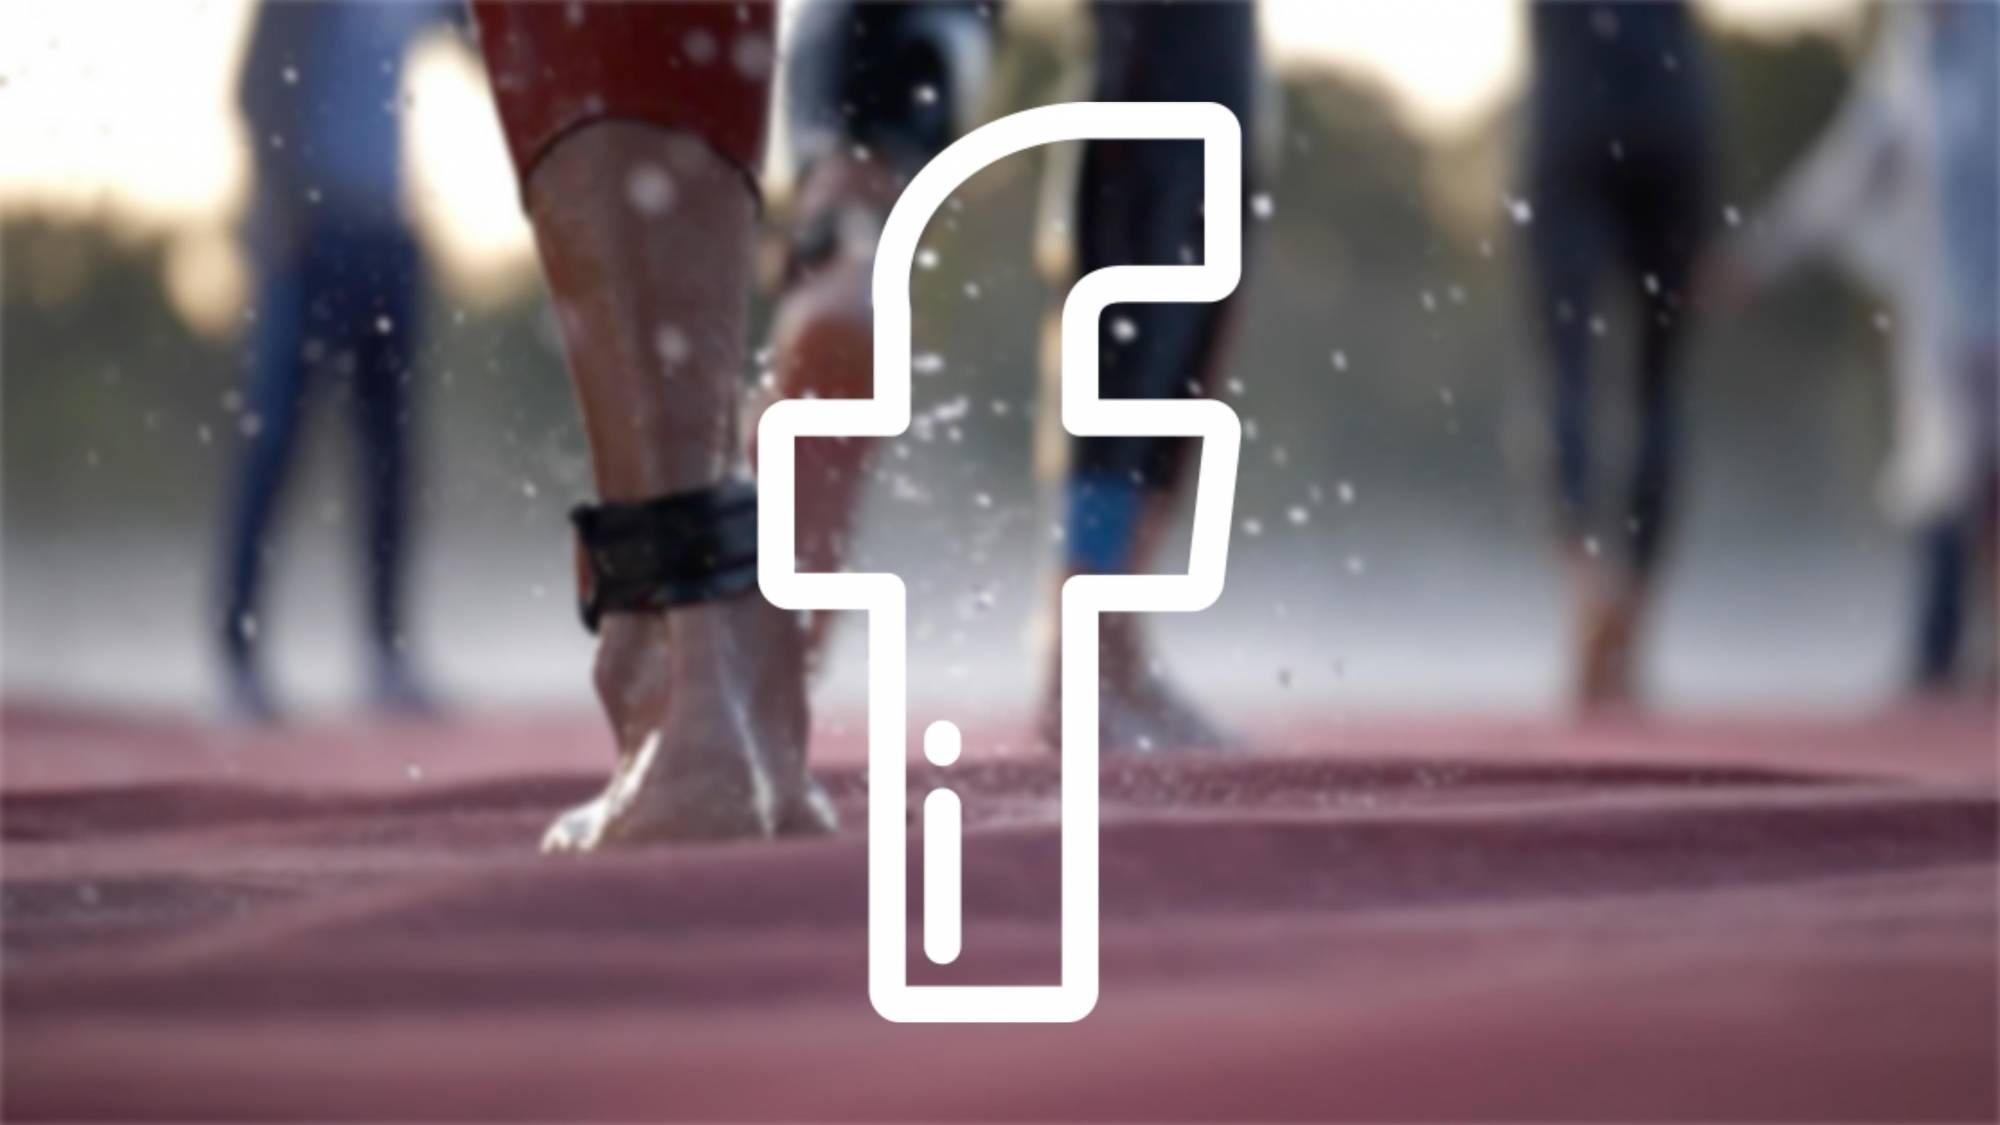 Afbeelding van het sociale medium Facebook. Dit platform kan je heel goed inzetten om geld op te halen voor KiKa